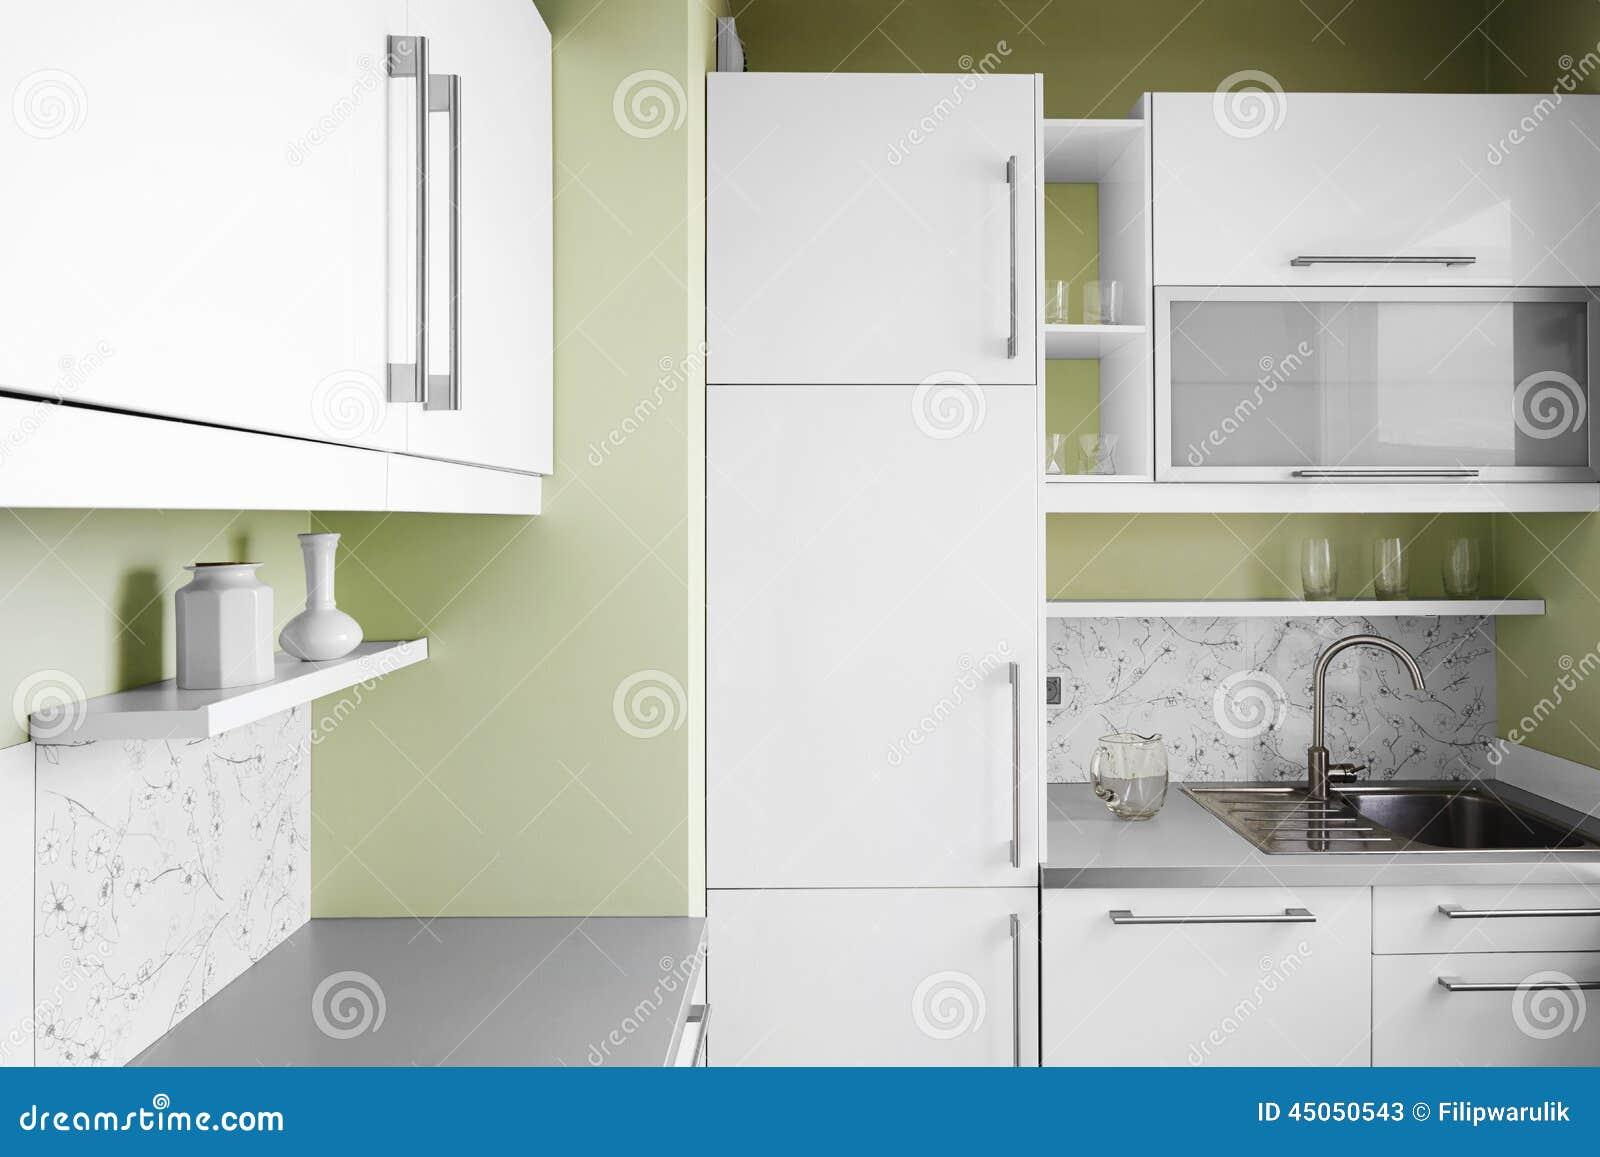 einfache küche in den weißen farben stockfoto - bild: 45050543